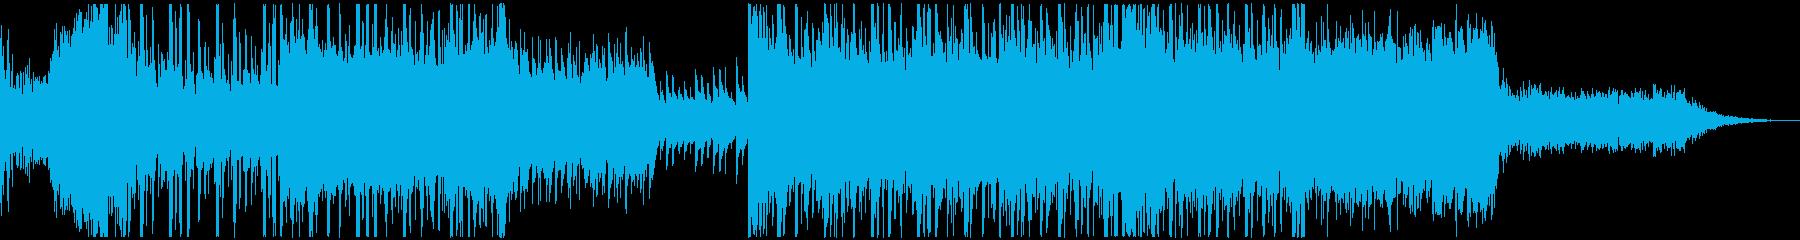 ノリのいいギターハロウィン曲の再生済みの波形